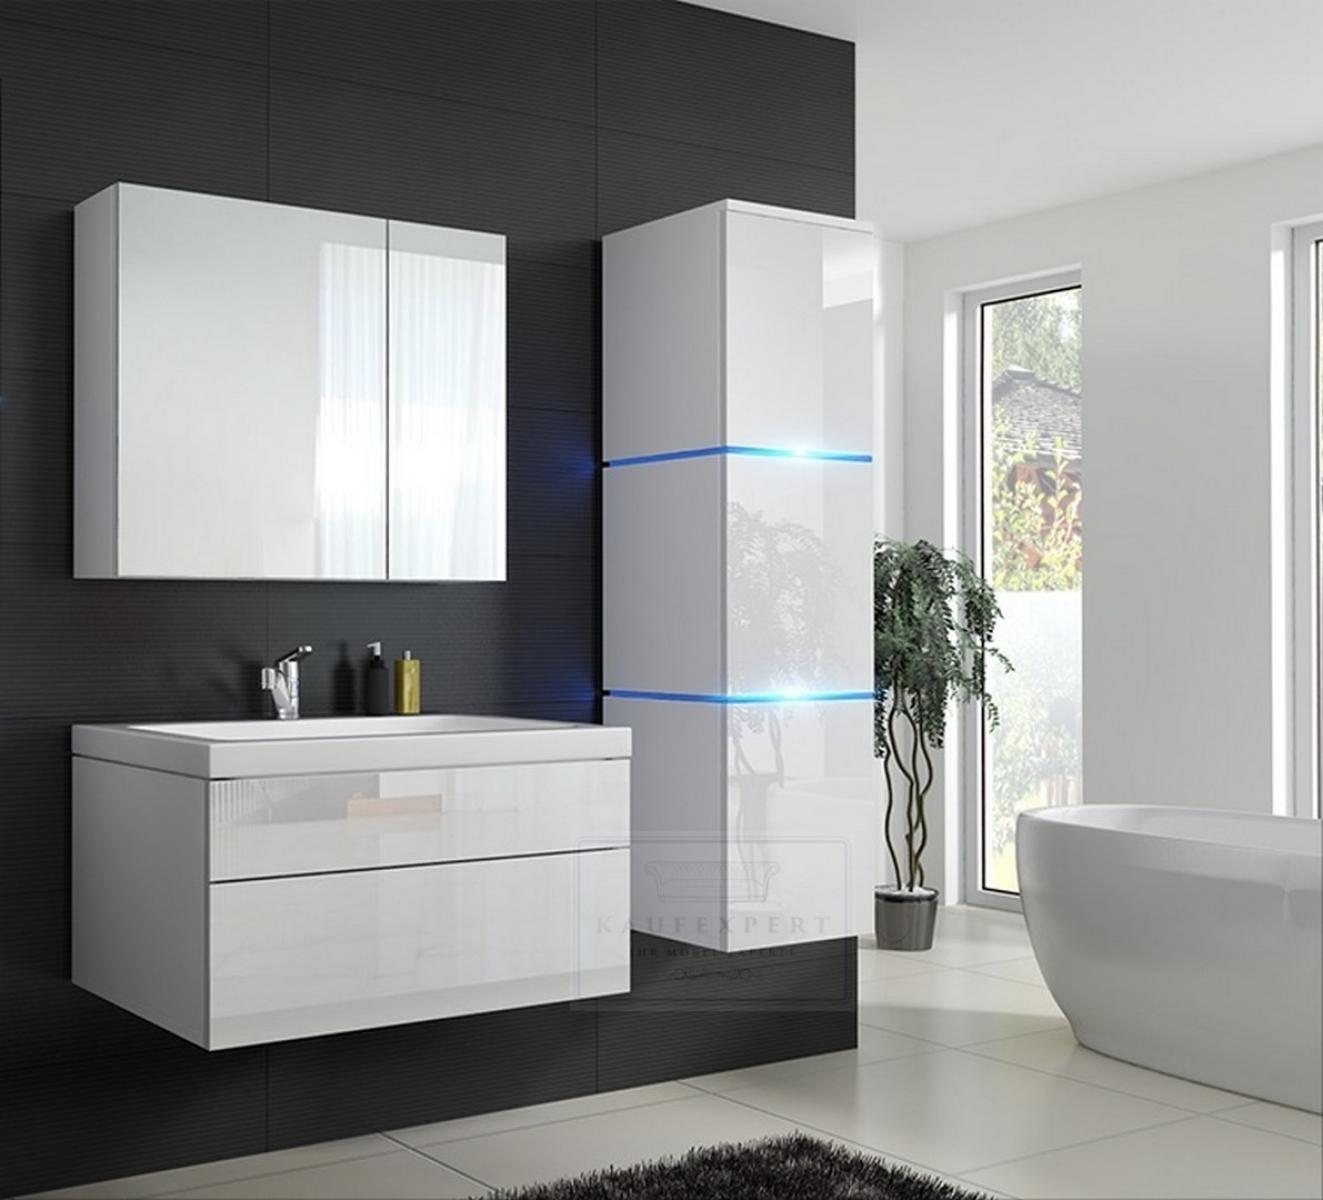 Badmöbel-Set Lux 1 NEW Weiß Hochglanz KERAMIK Waschbecken Badezimmer Led  Beleuchtung Badezimmermöbel Keramikbecken